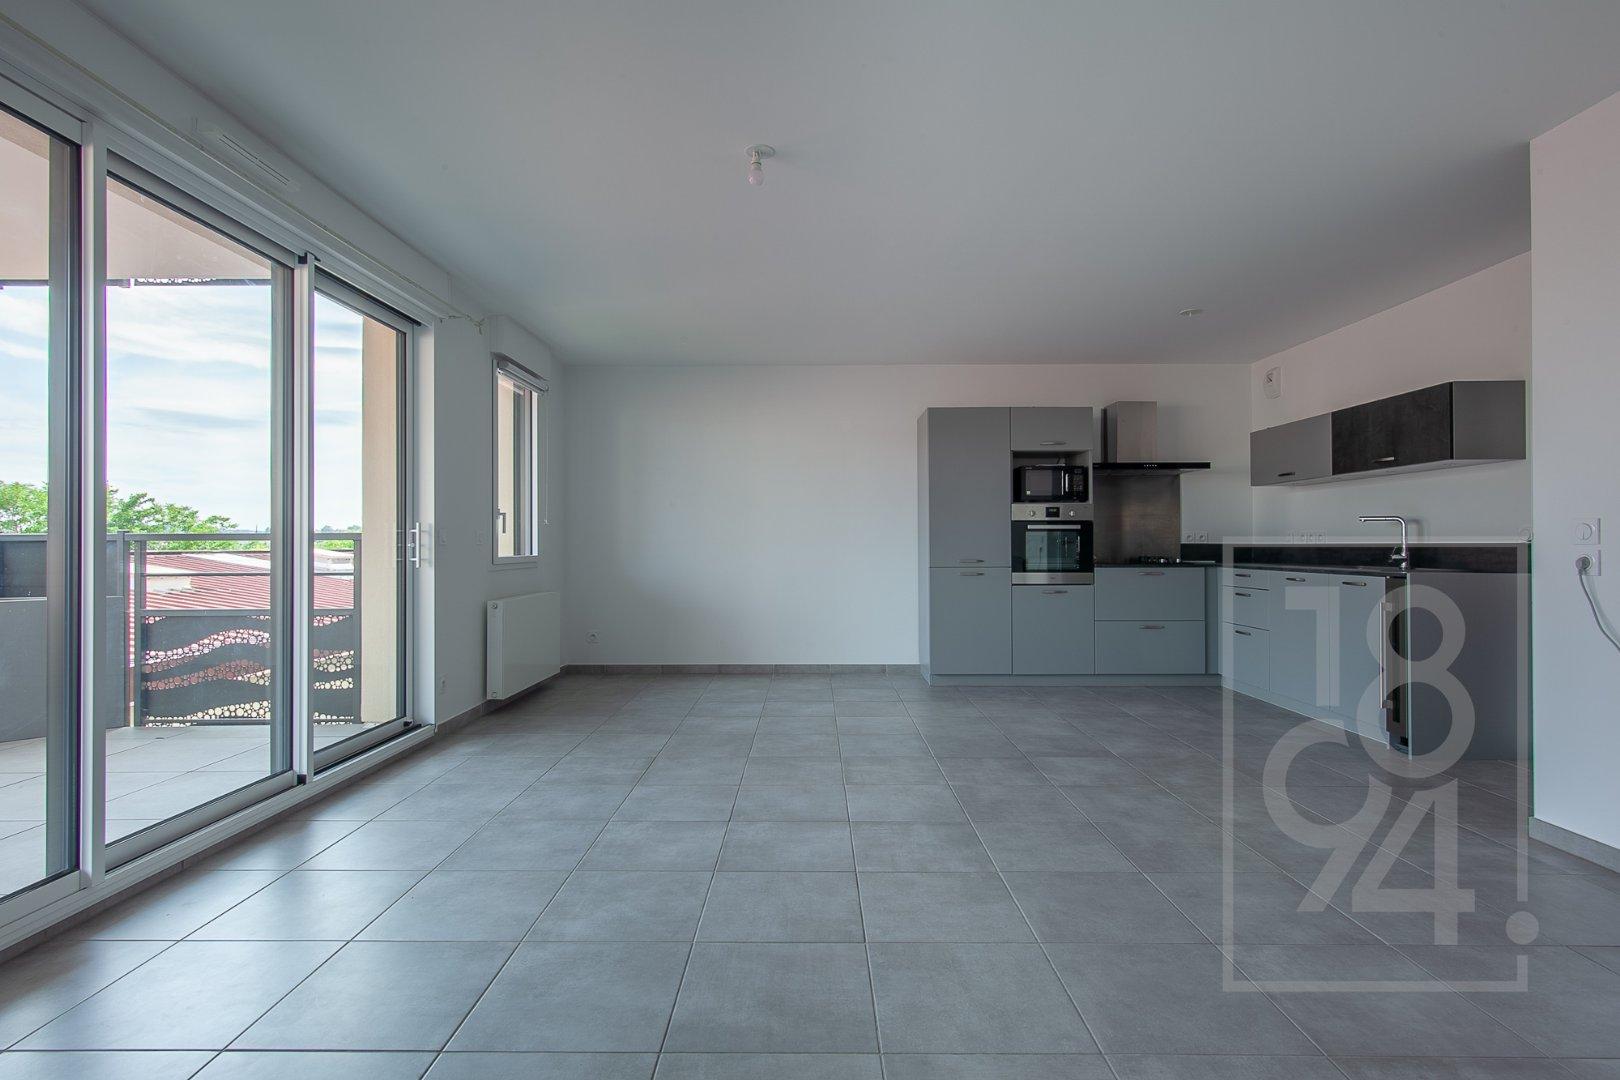 Appartement T3 neuf 68m² avec terrasse et garage vendu loué